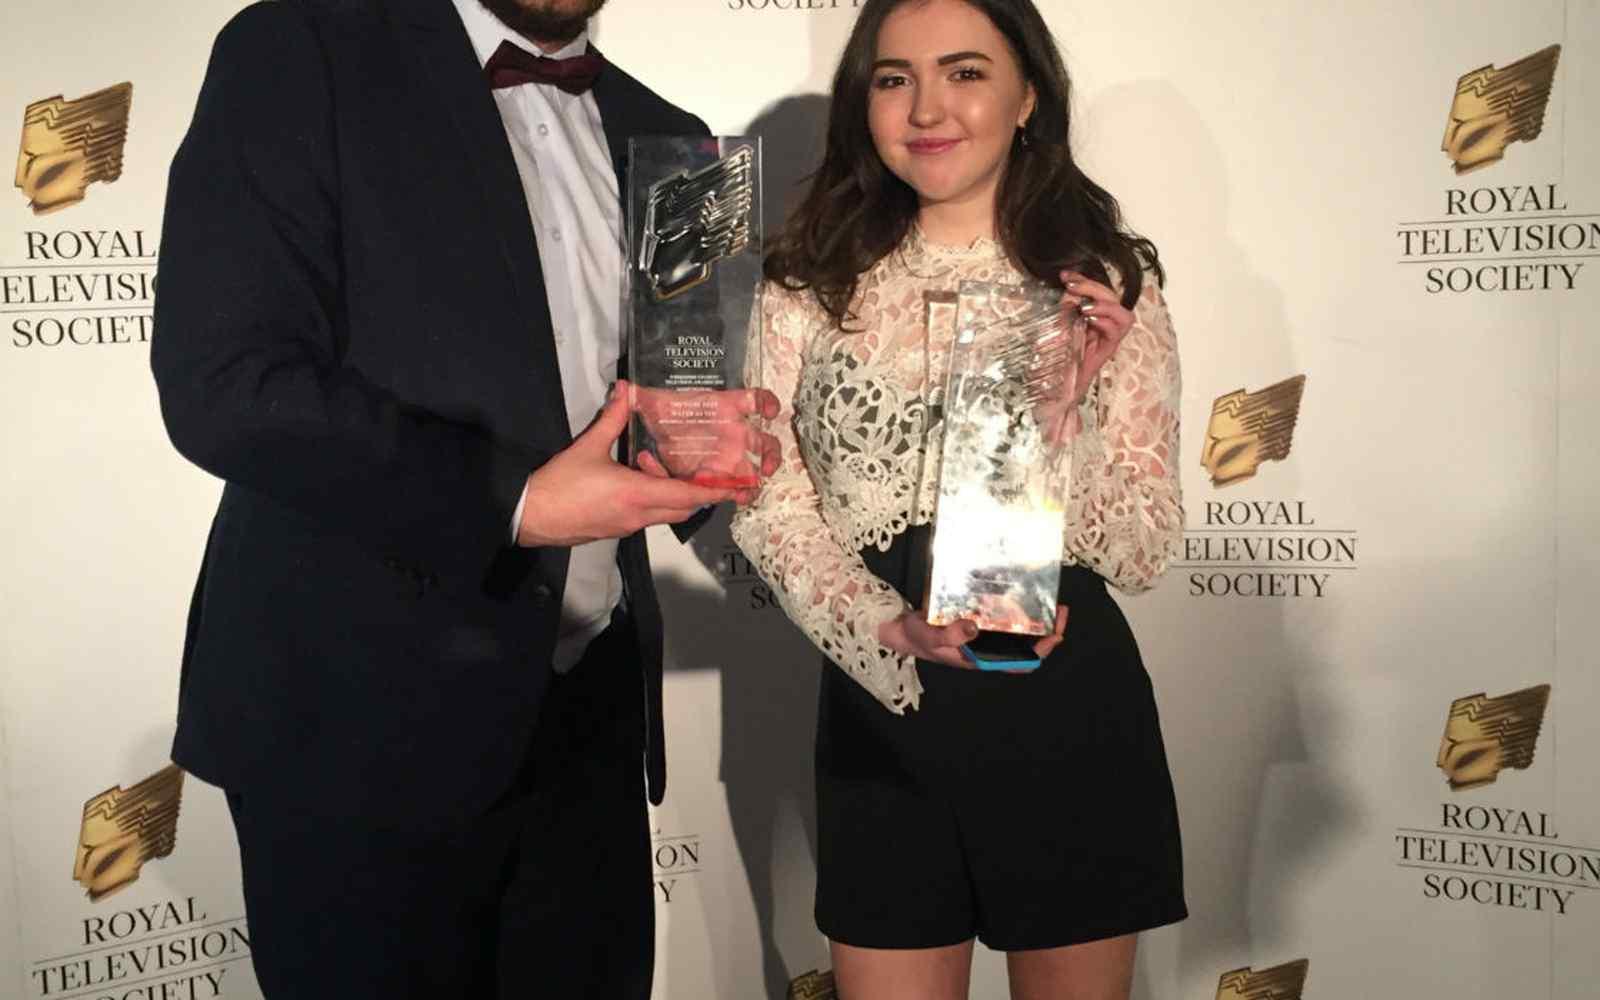 York St John winners, Liam and Abbie